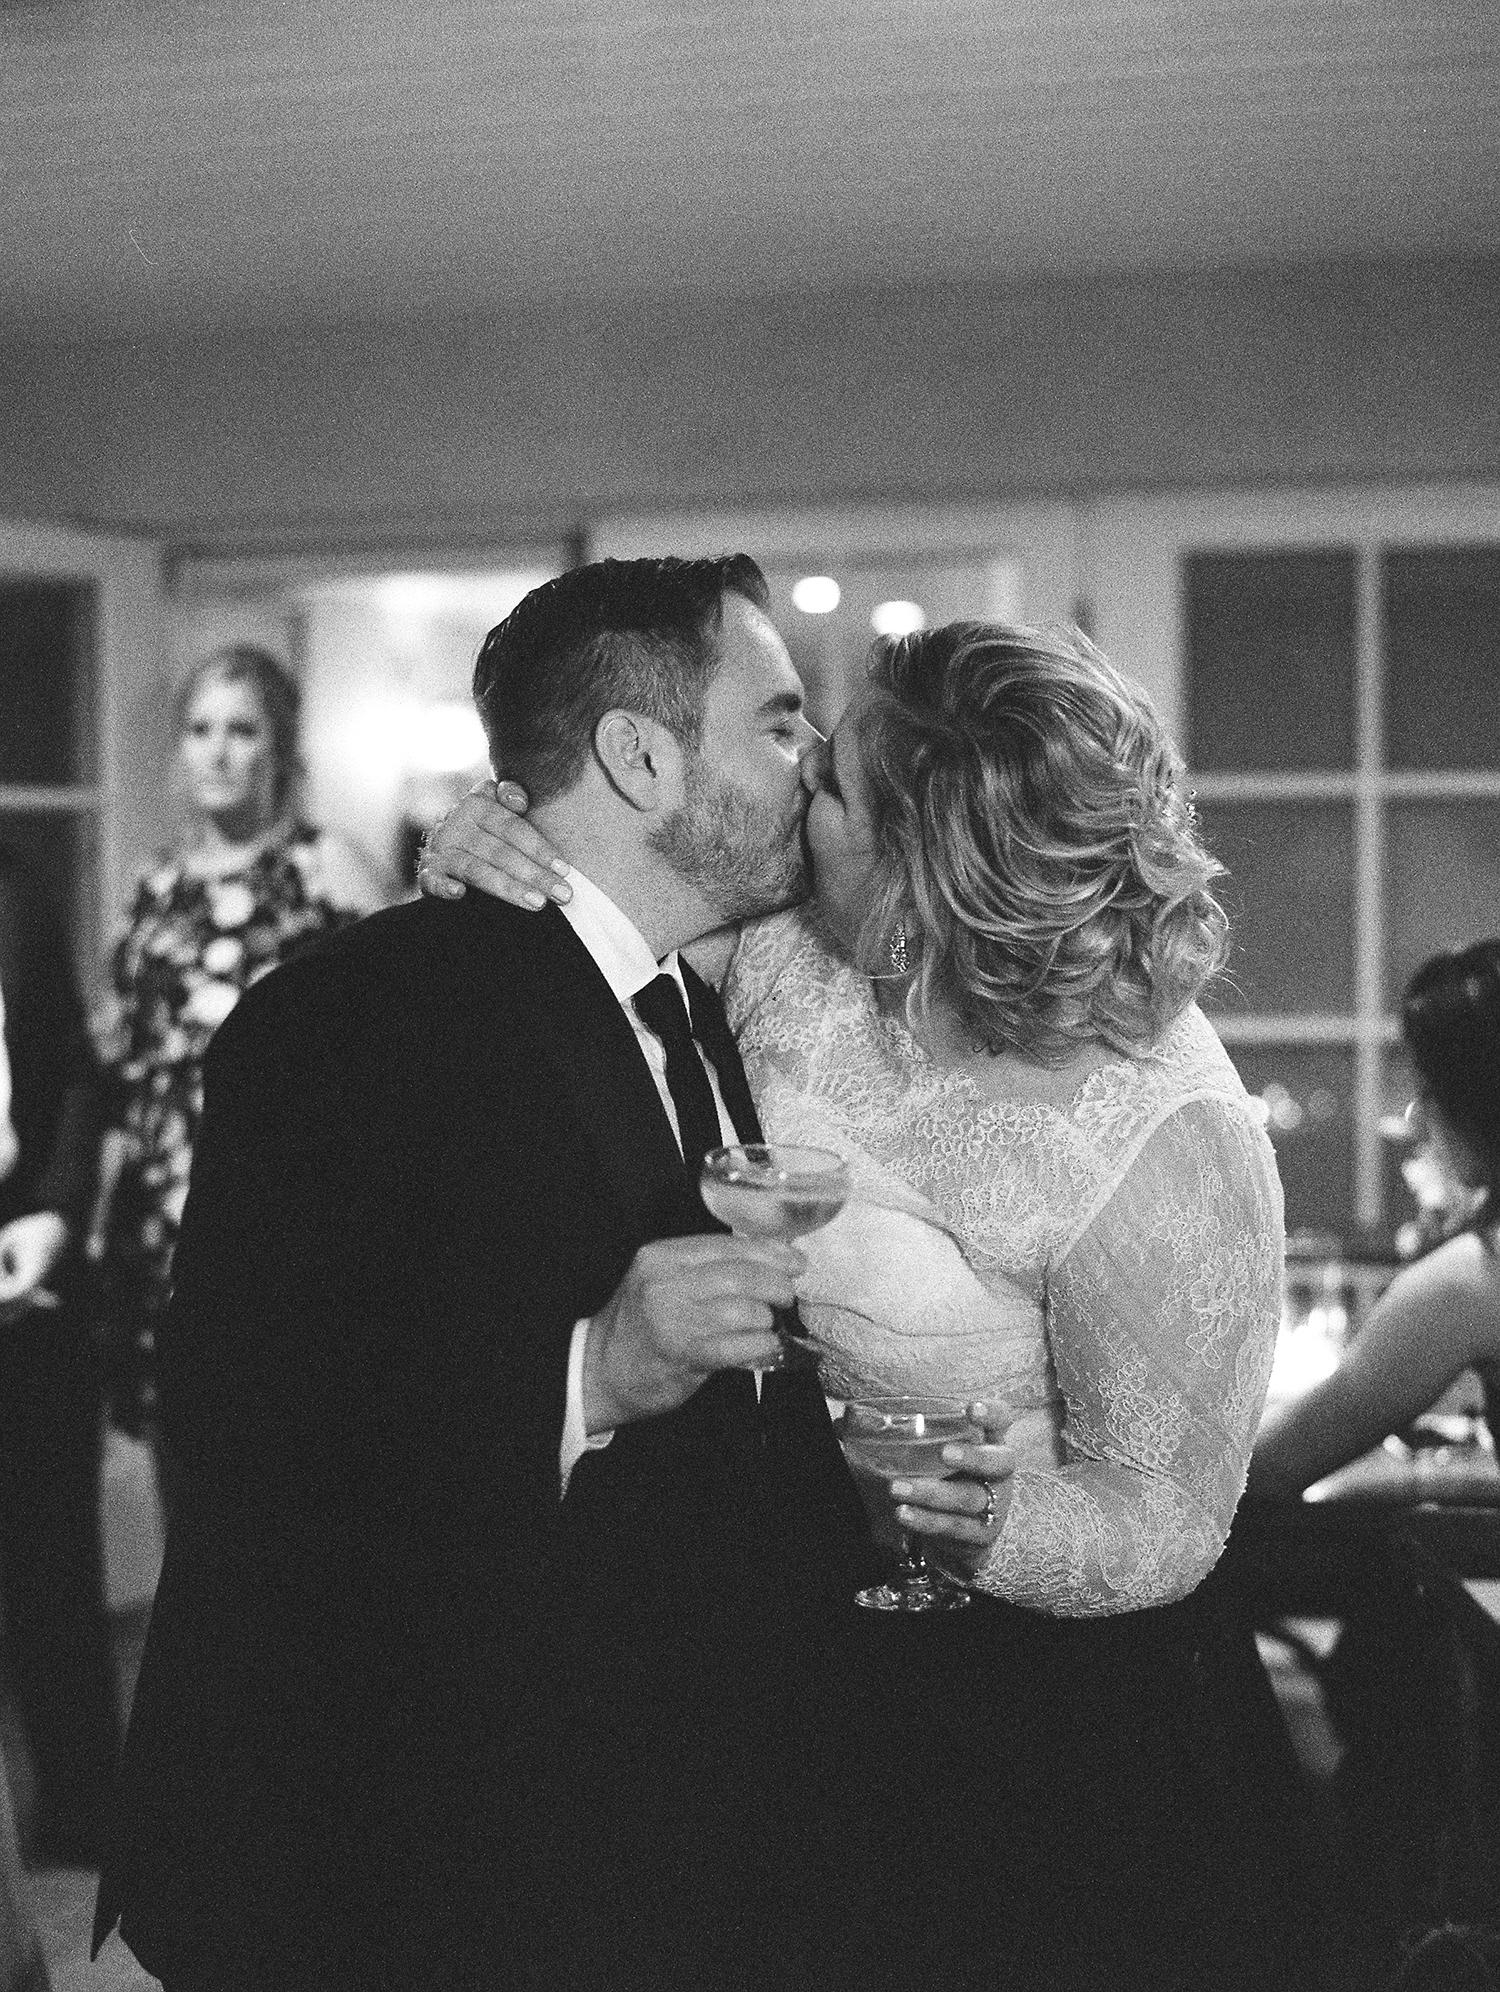 elizabeth scott wedding couple kissing toast